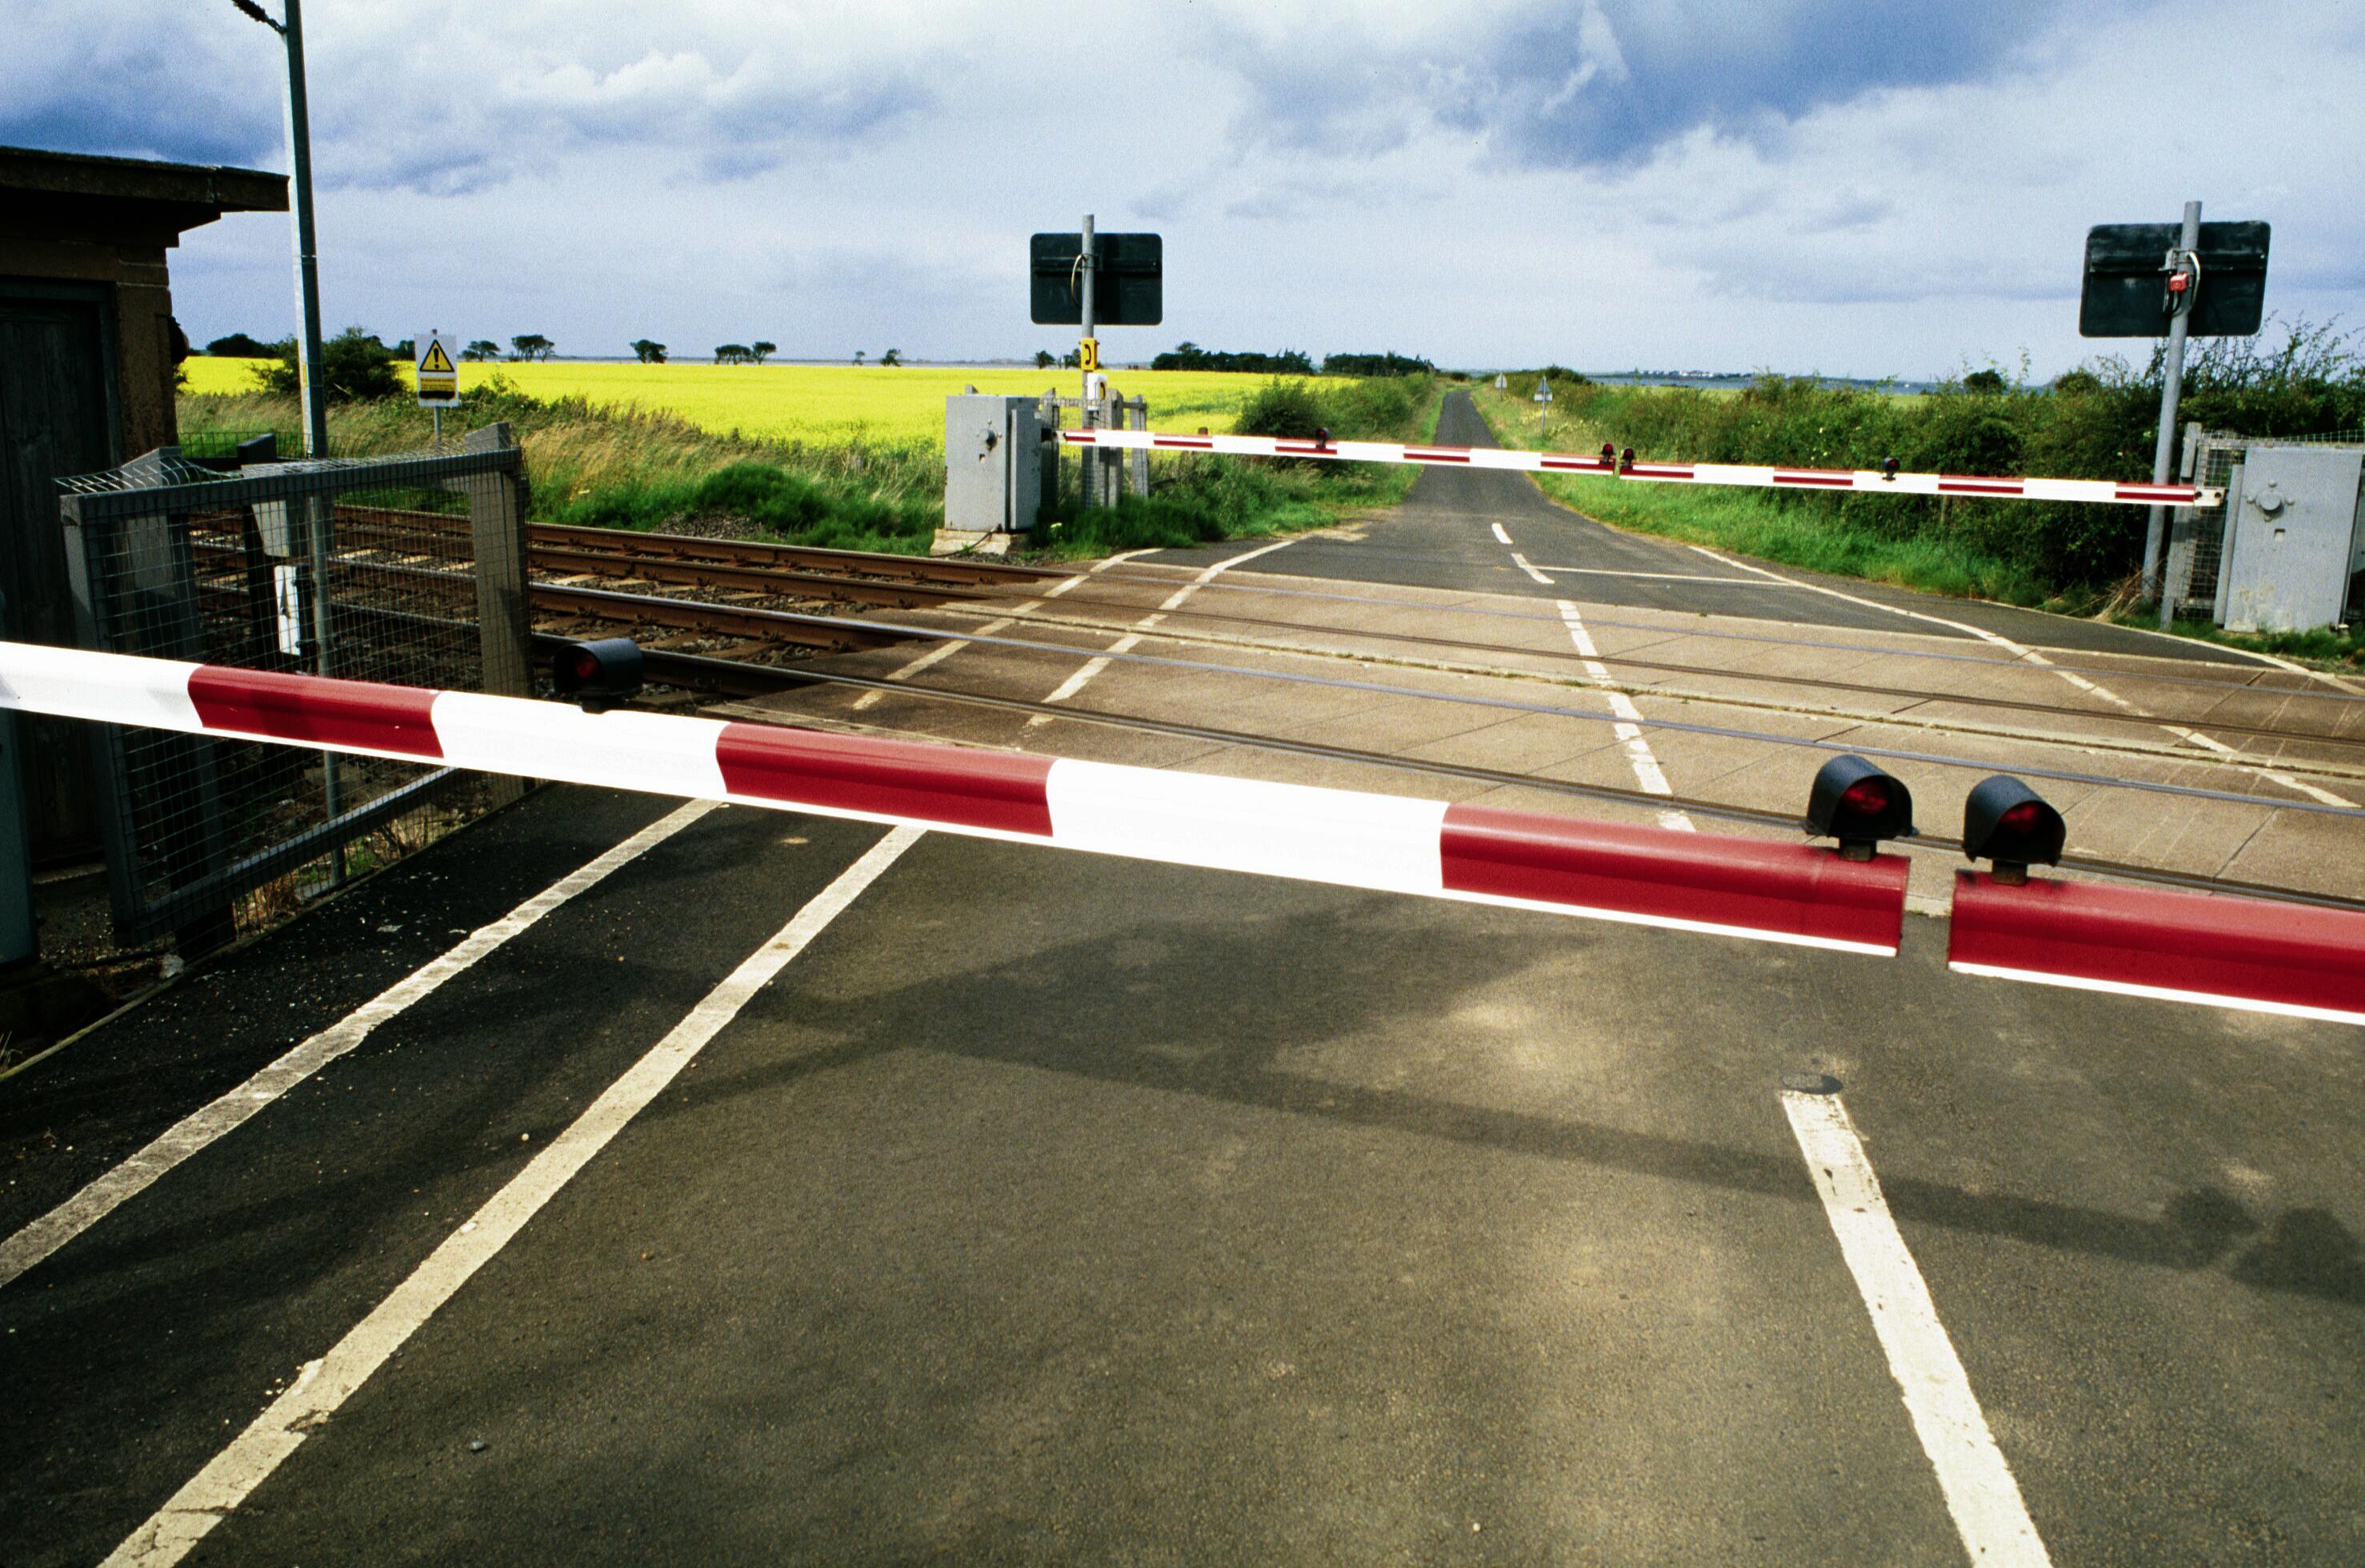 Fenham Low Moor Crossing